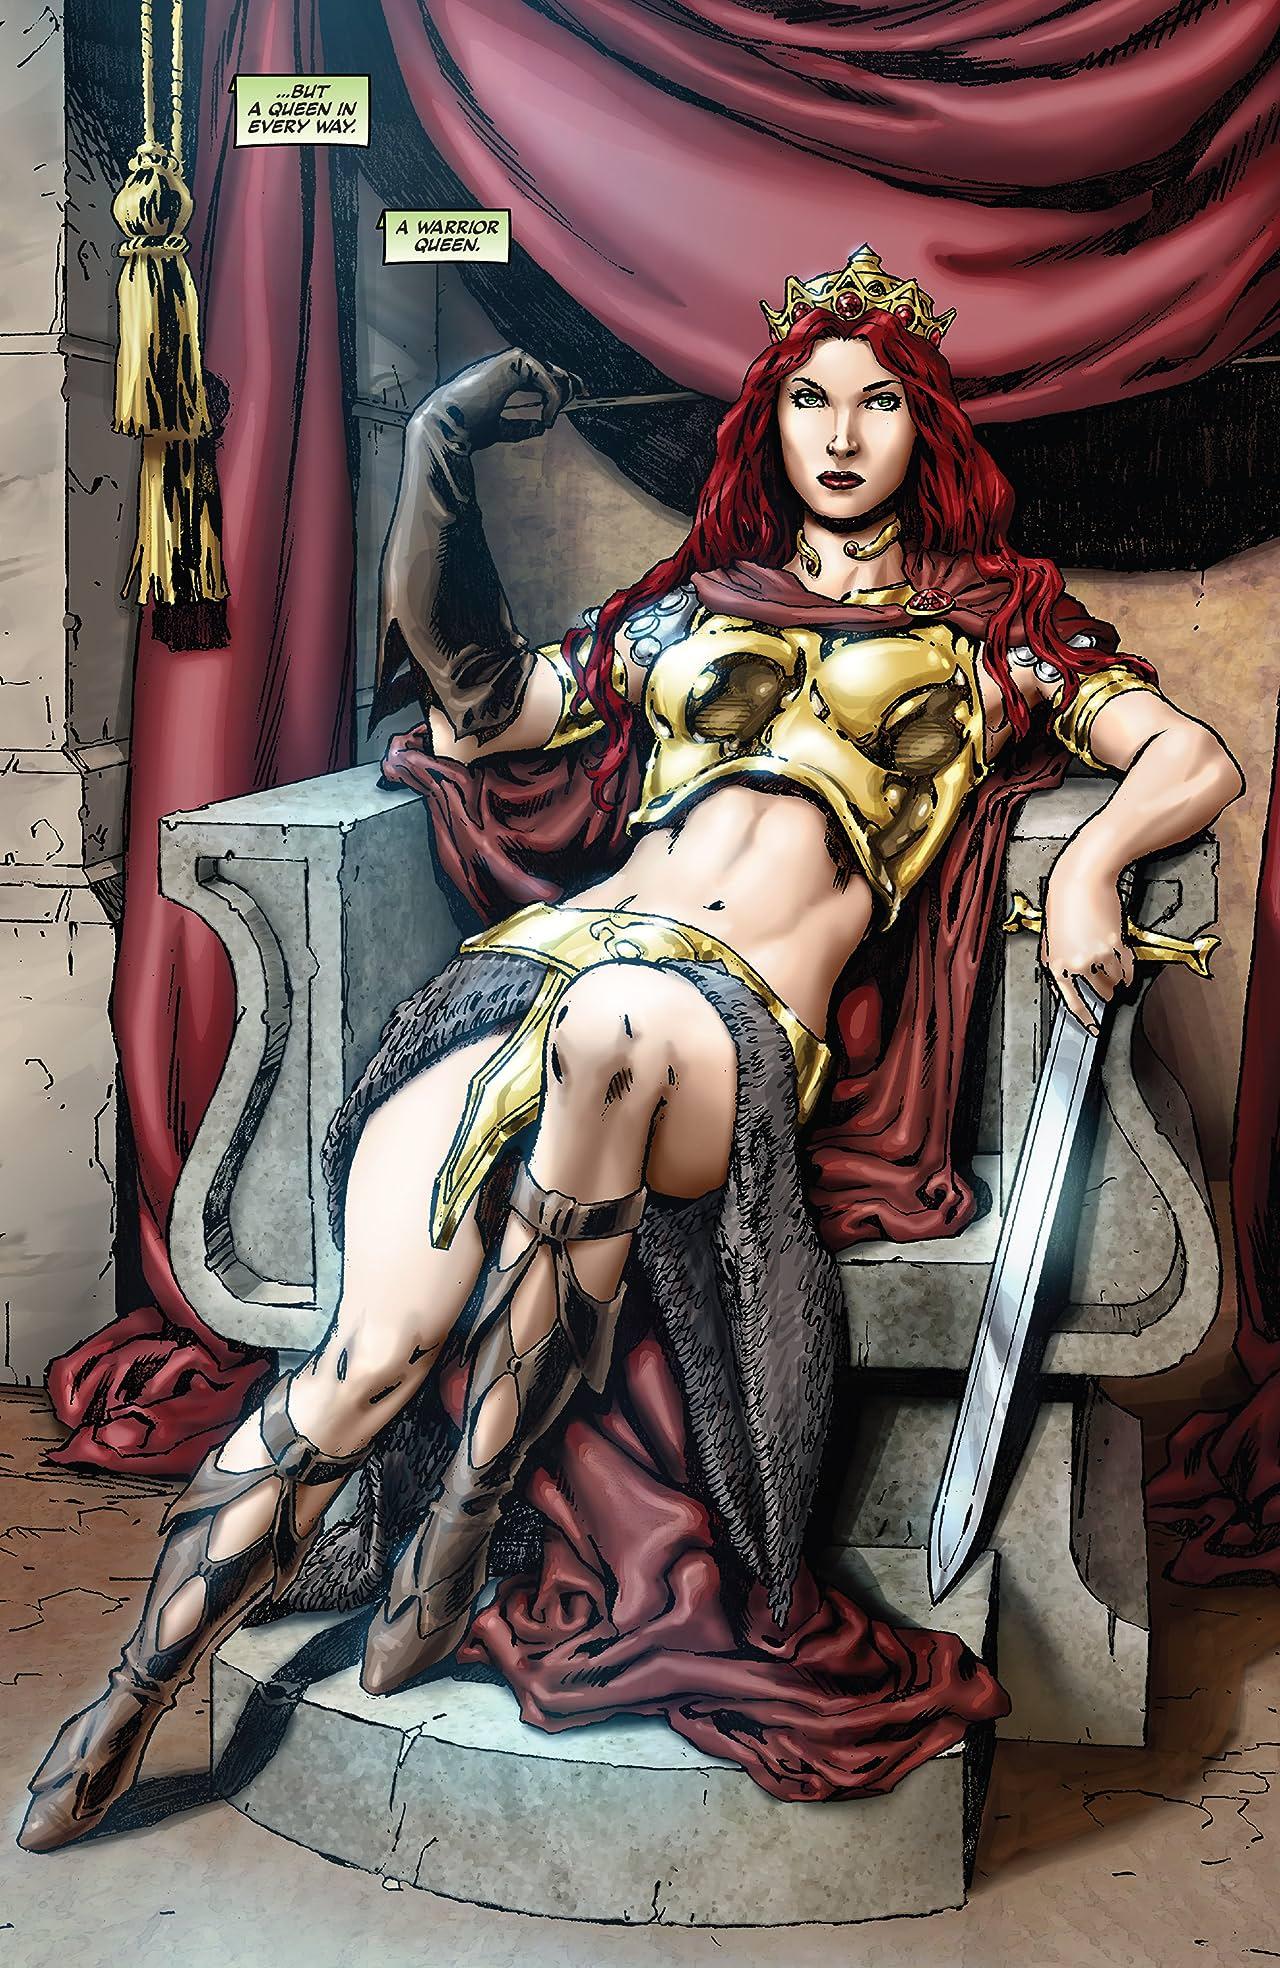 Queen Sonja Omnibus Vol. 1